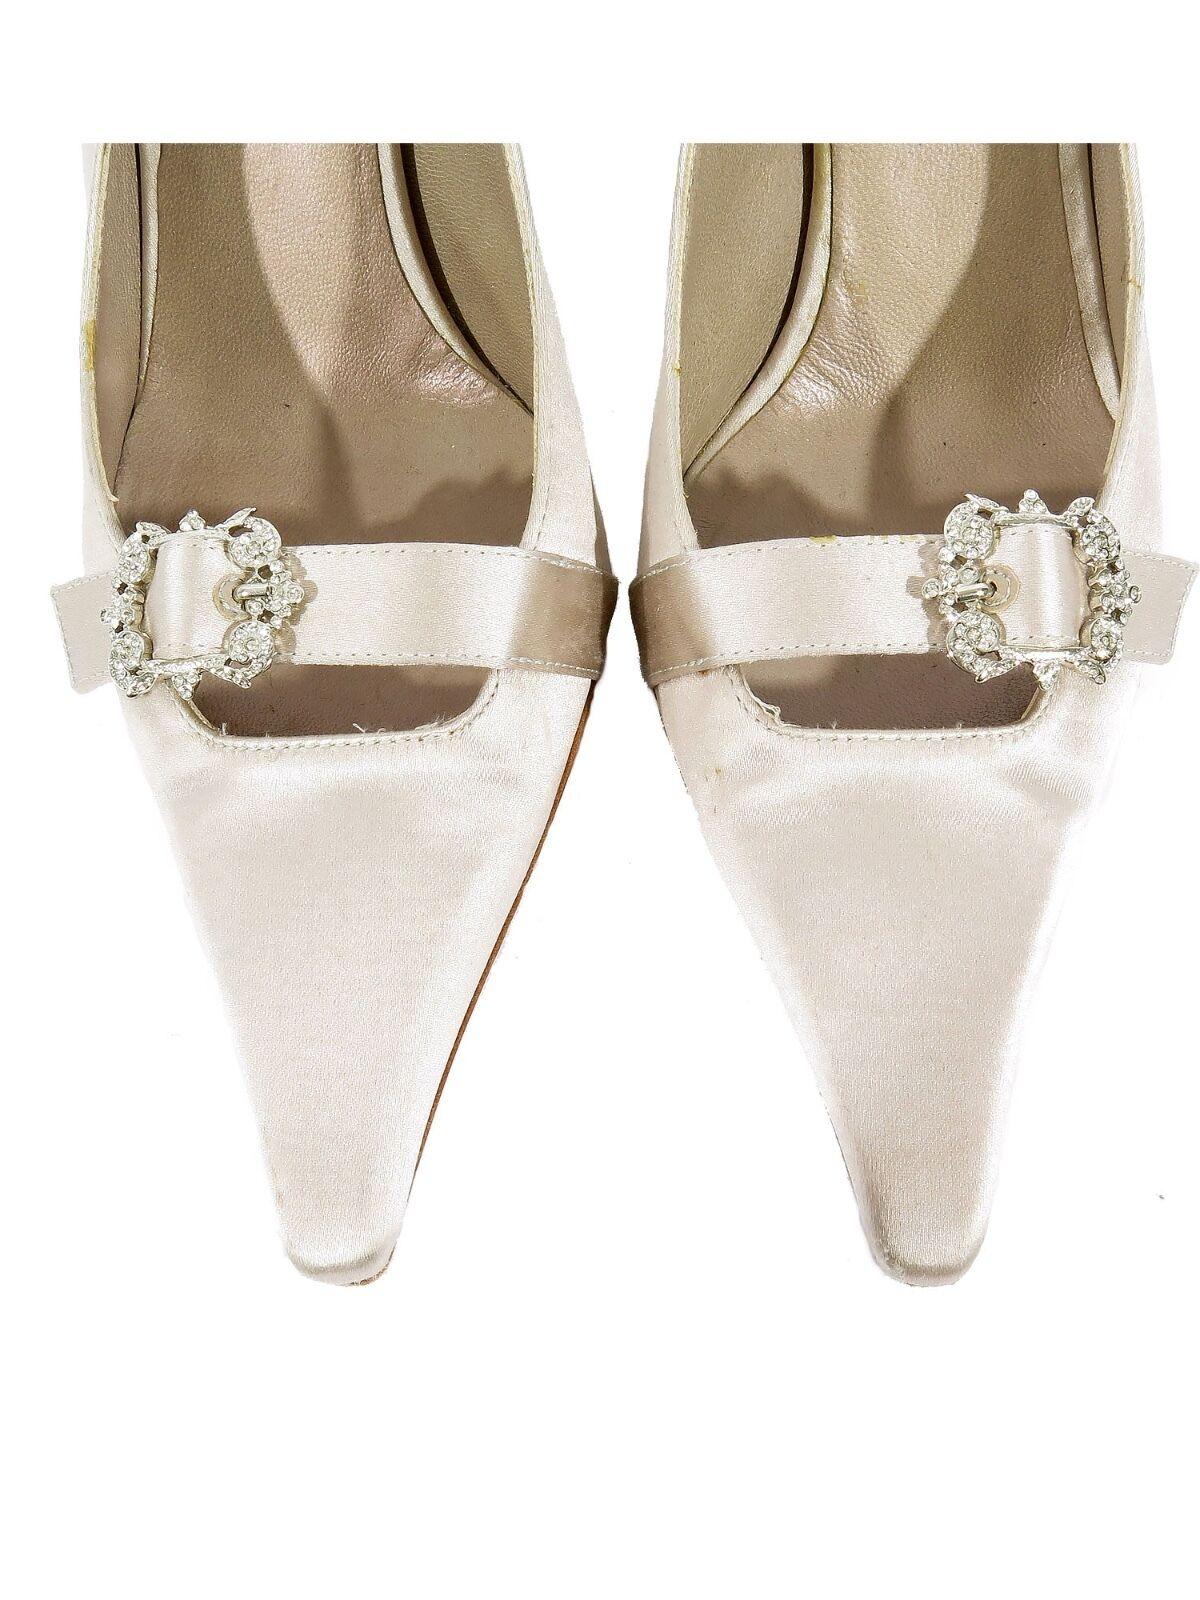 Badgley Mischka Zapatos Hebilla de 37) Cristal (tamaño 37) de 252528